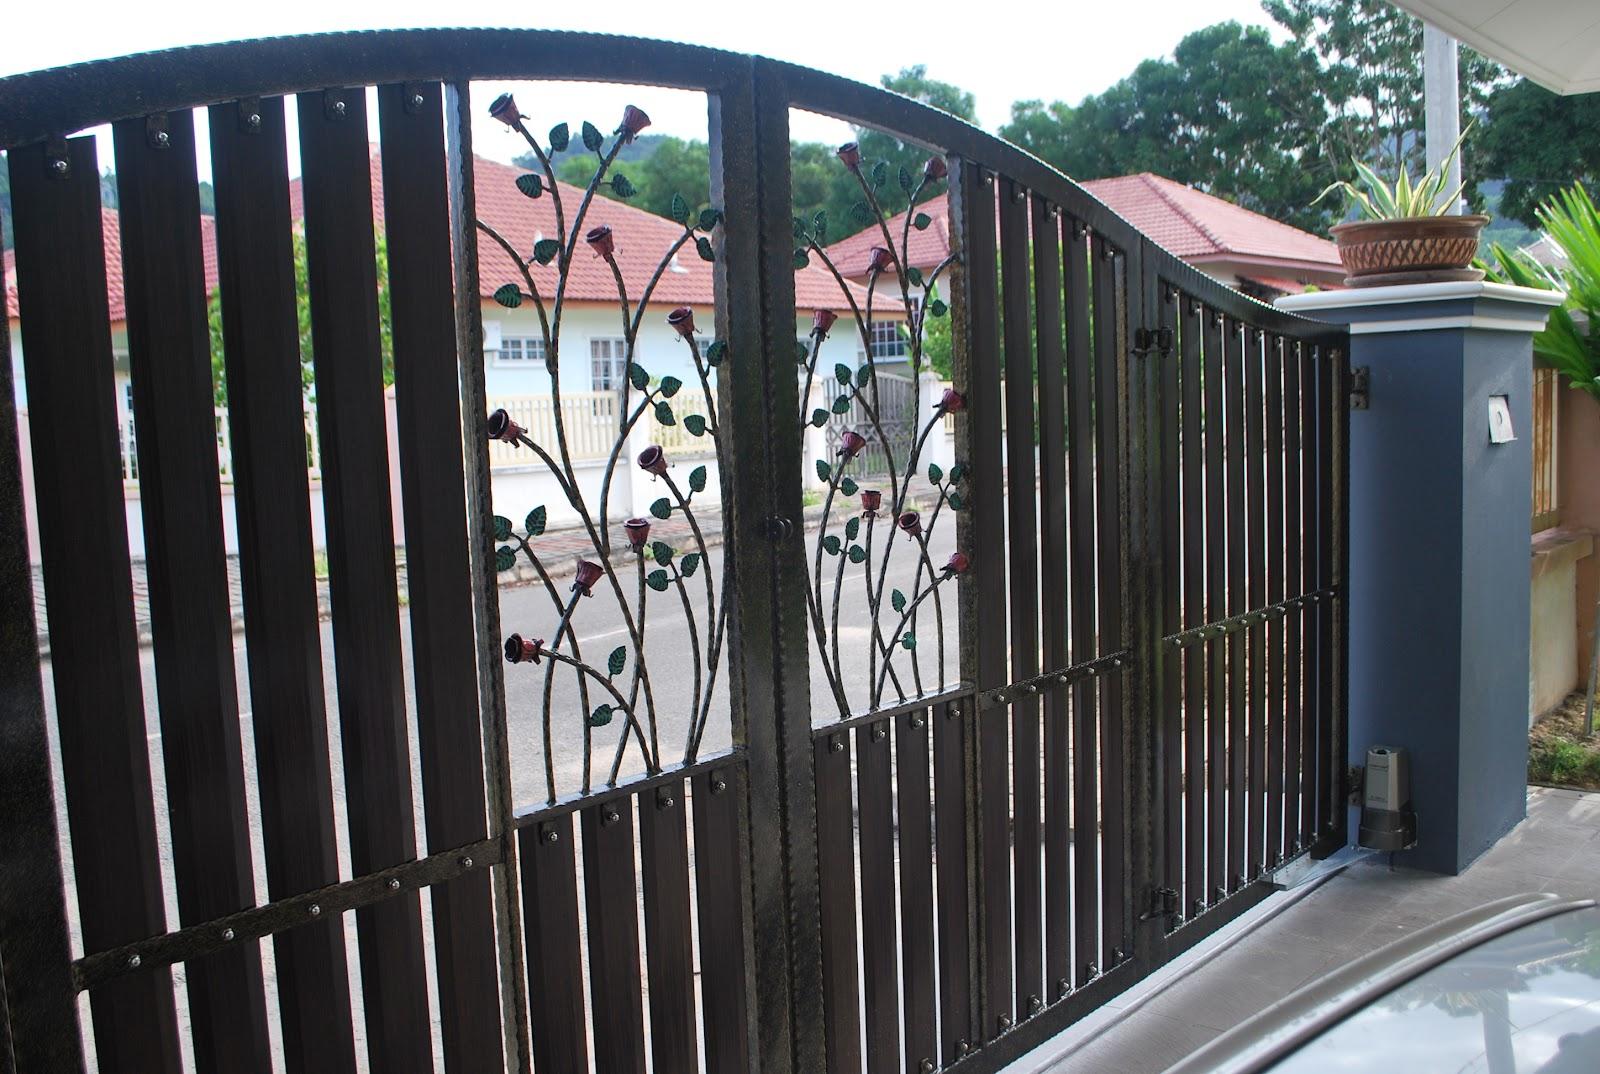 Minggu ni..alhamdulillah 'porch rumah' dan pintu pagar dah berubah ...